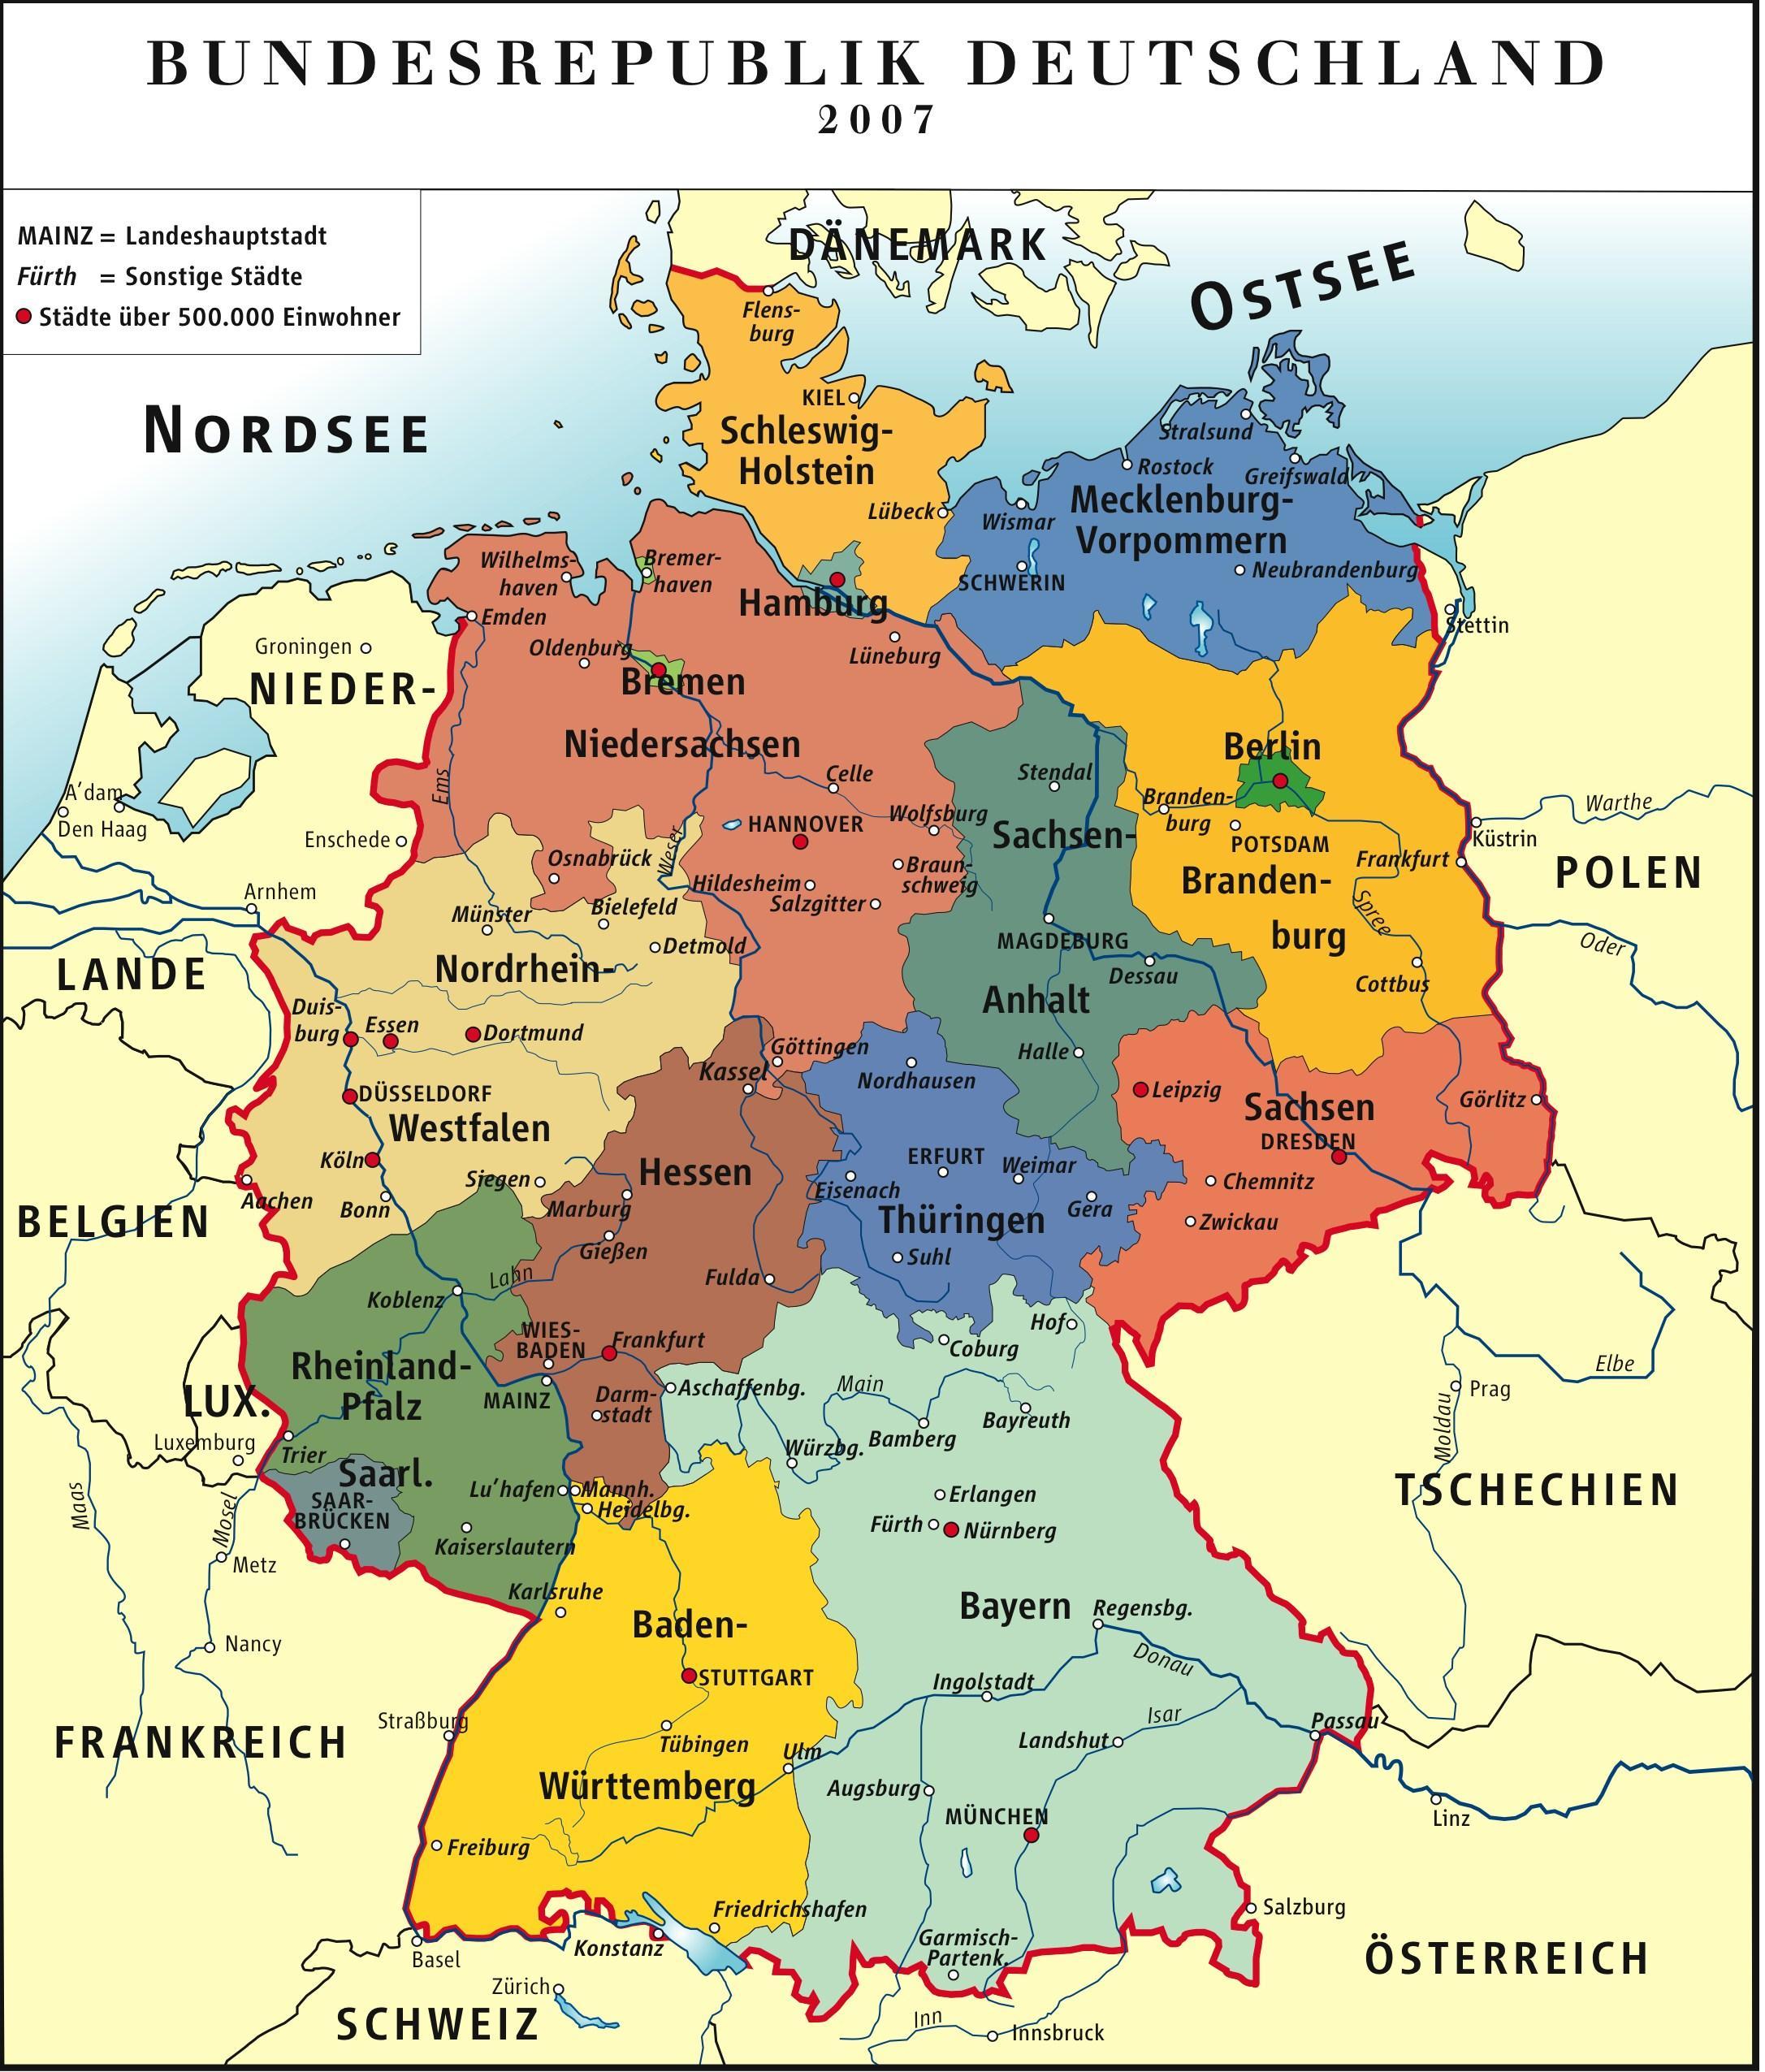 Mapa De Alemania Politico.Imagen Alemania Mapa Politico Rfa 2007 Imagenes Para